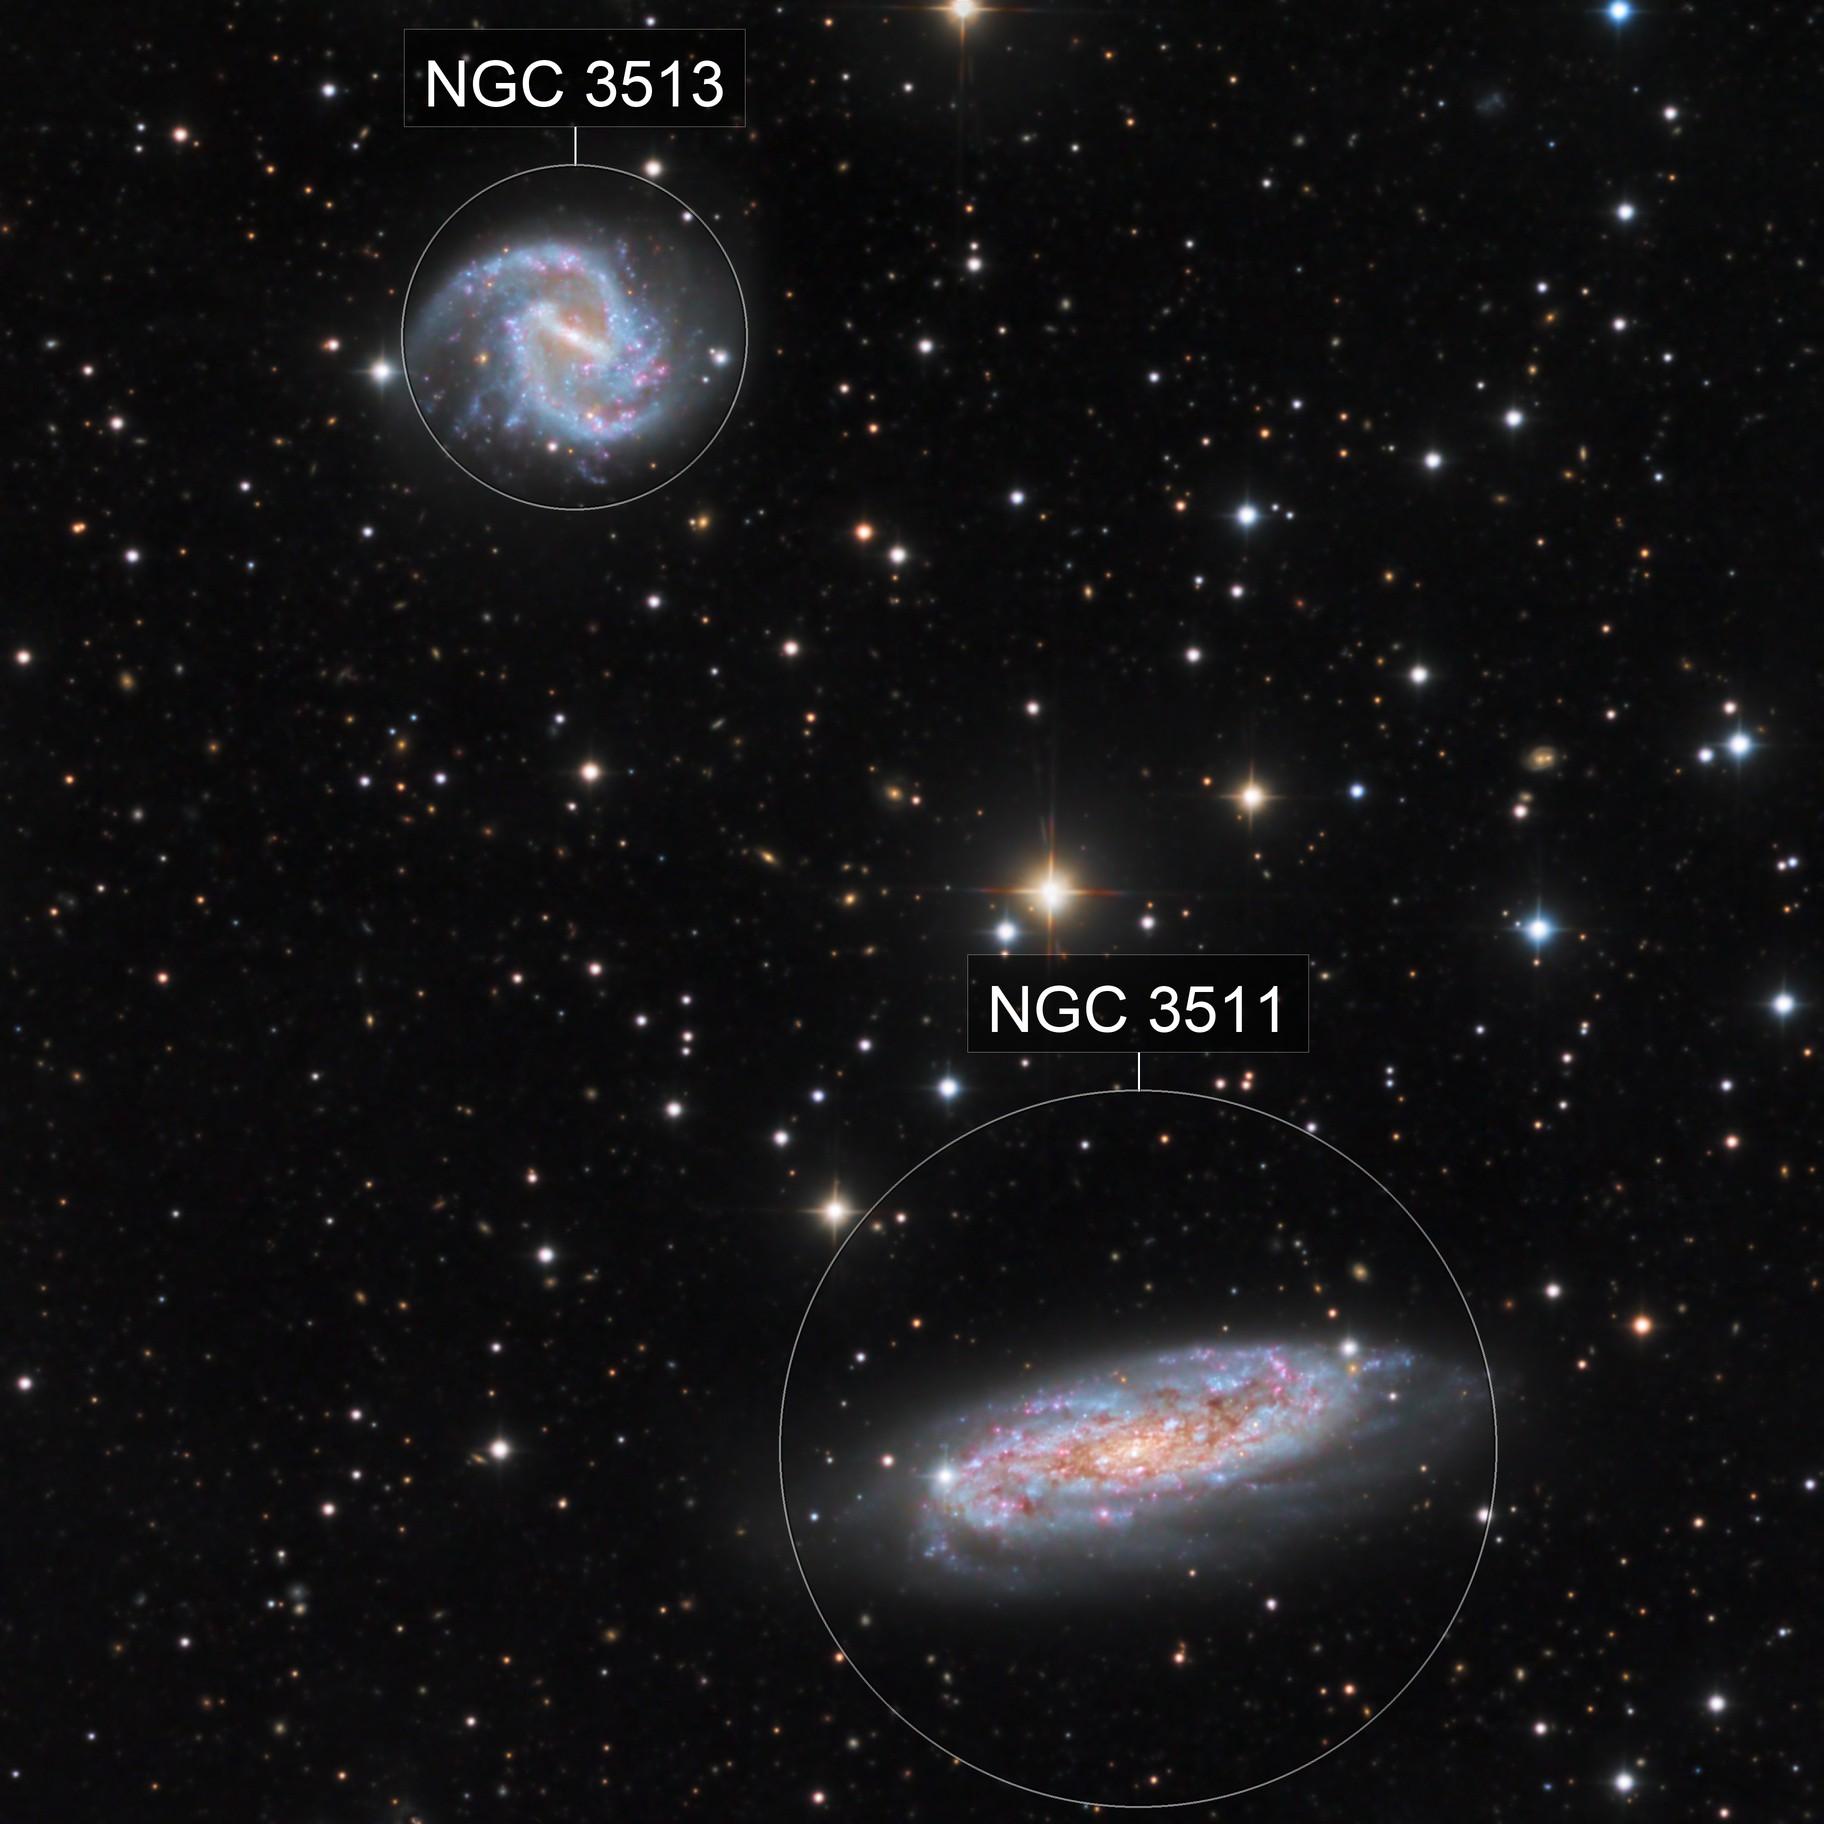 NGC 3511 and 3513